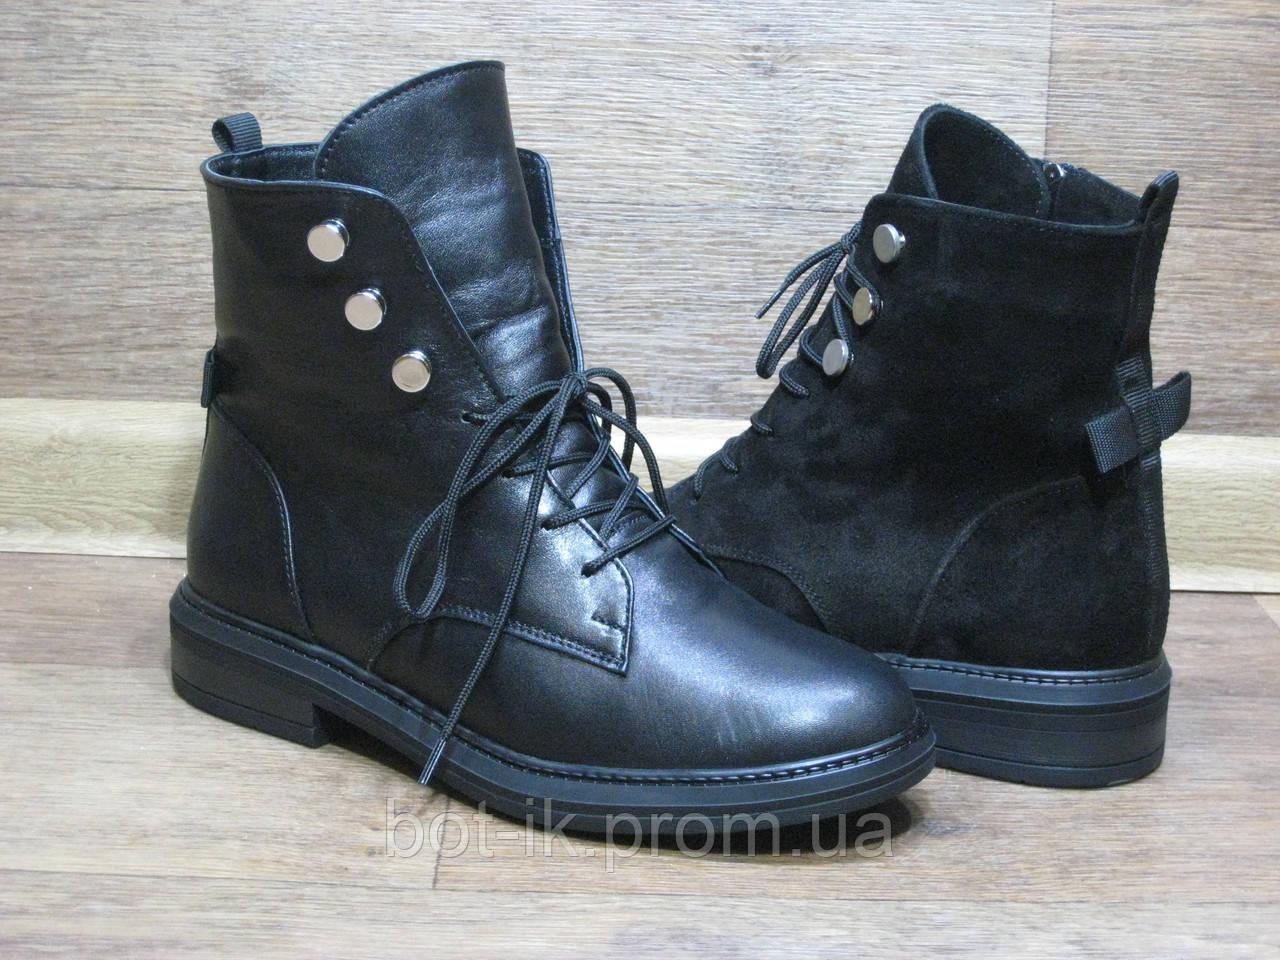 df9d283124a6 Ботинки женские Dior на толстой подошве на шнурках из черной кожи или замша.